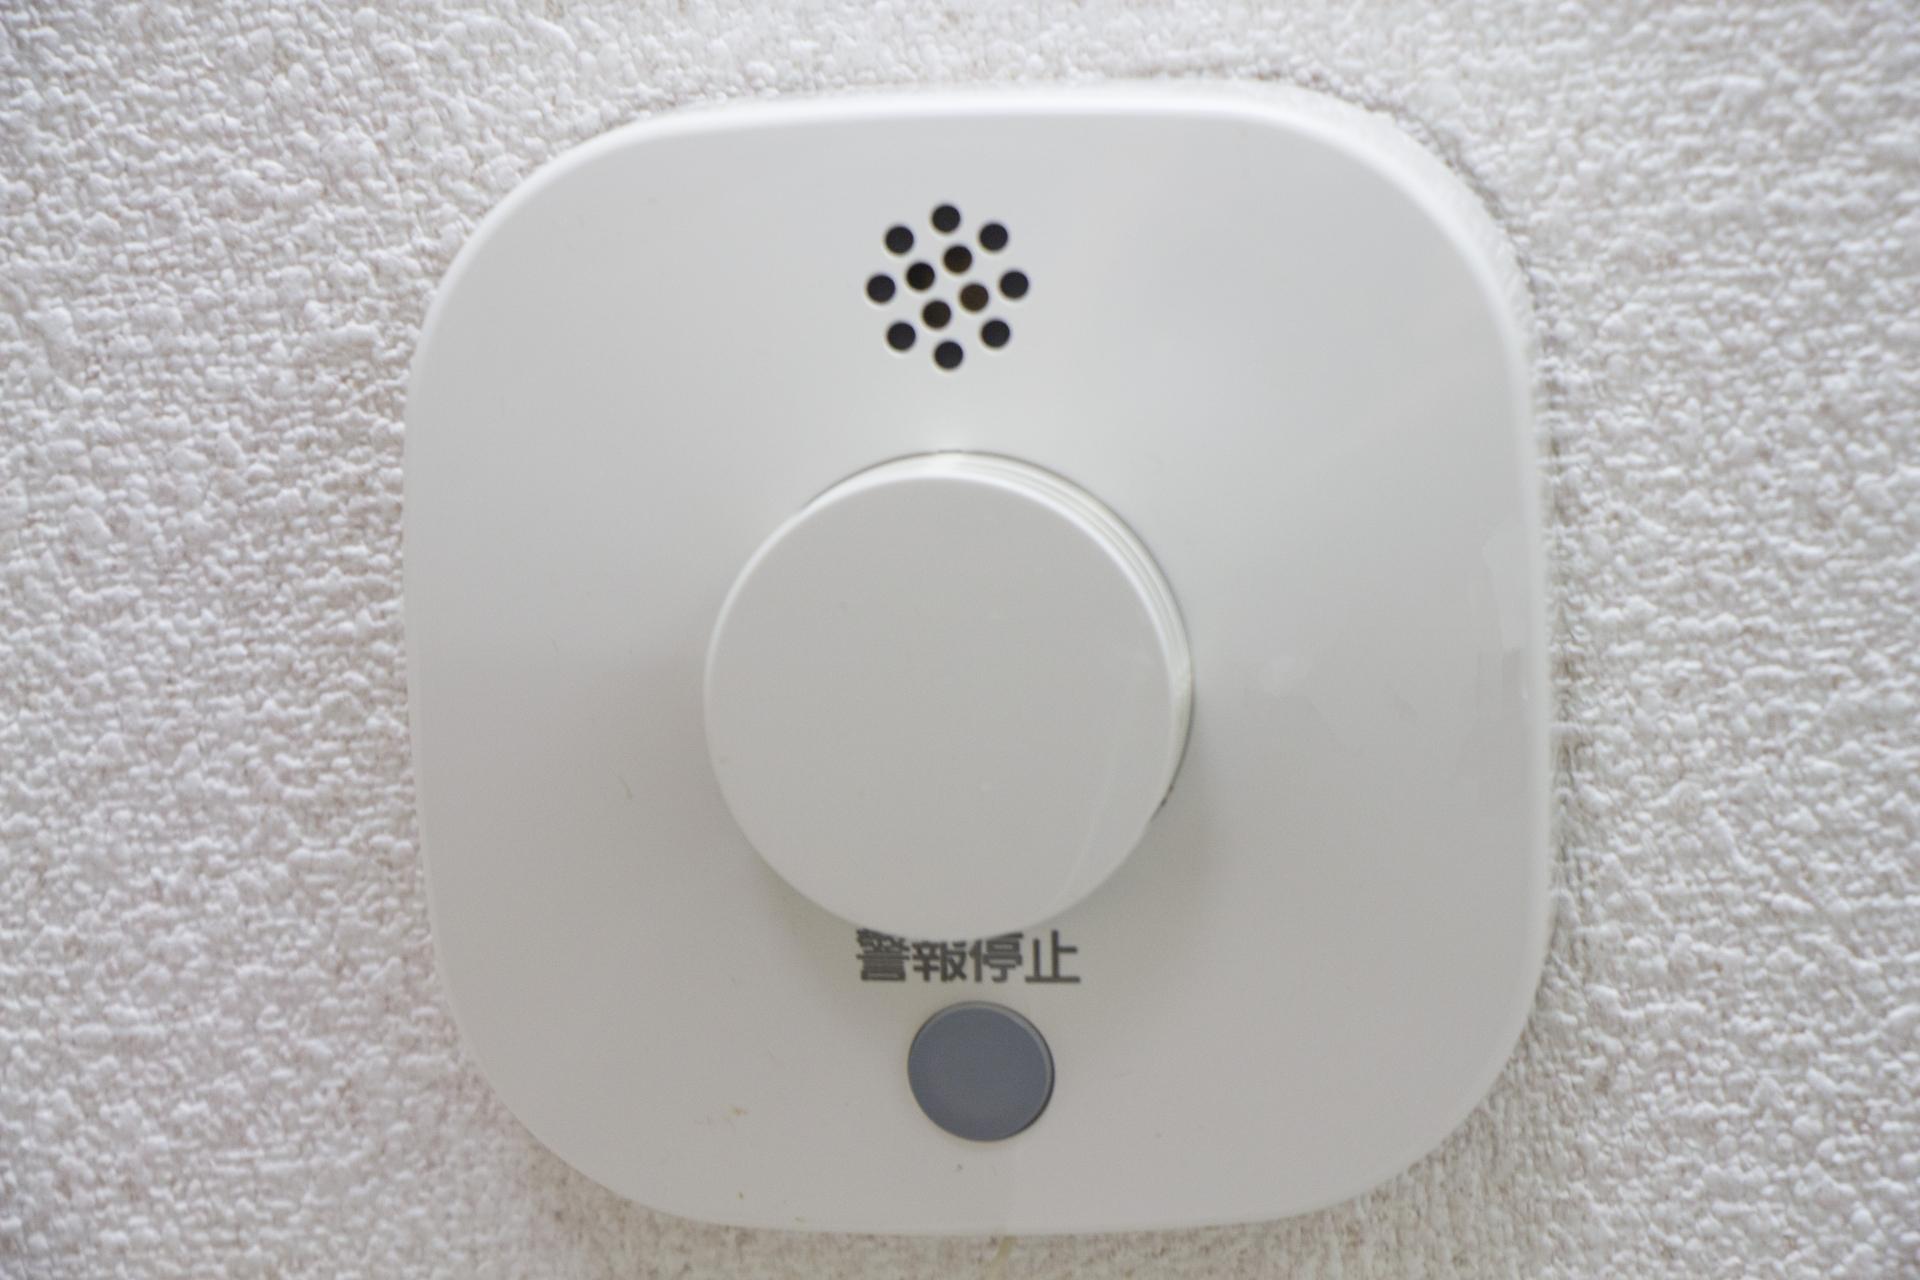 給湯器の安全装置の役割と種類、作動時の対処法を解説!